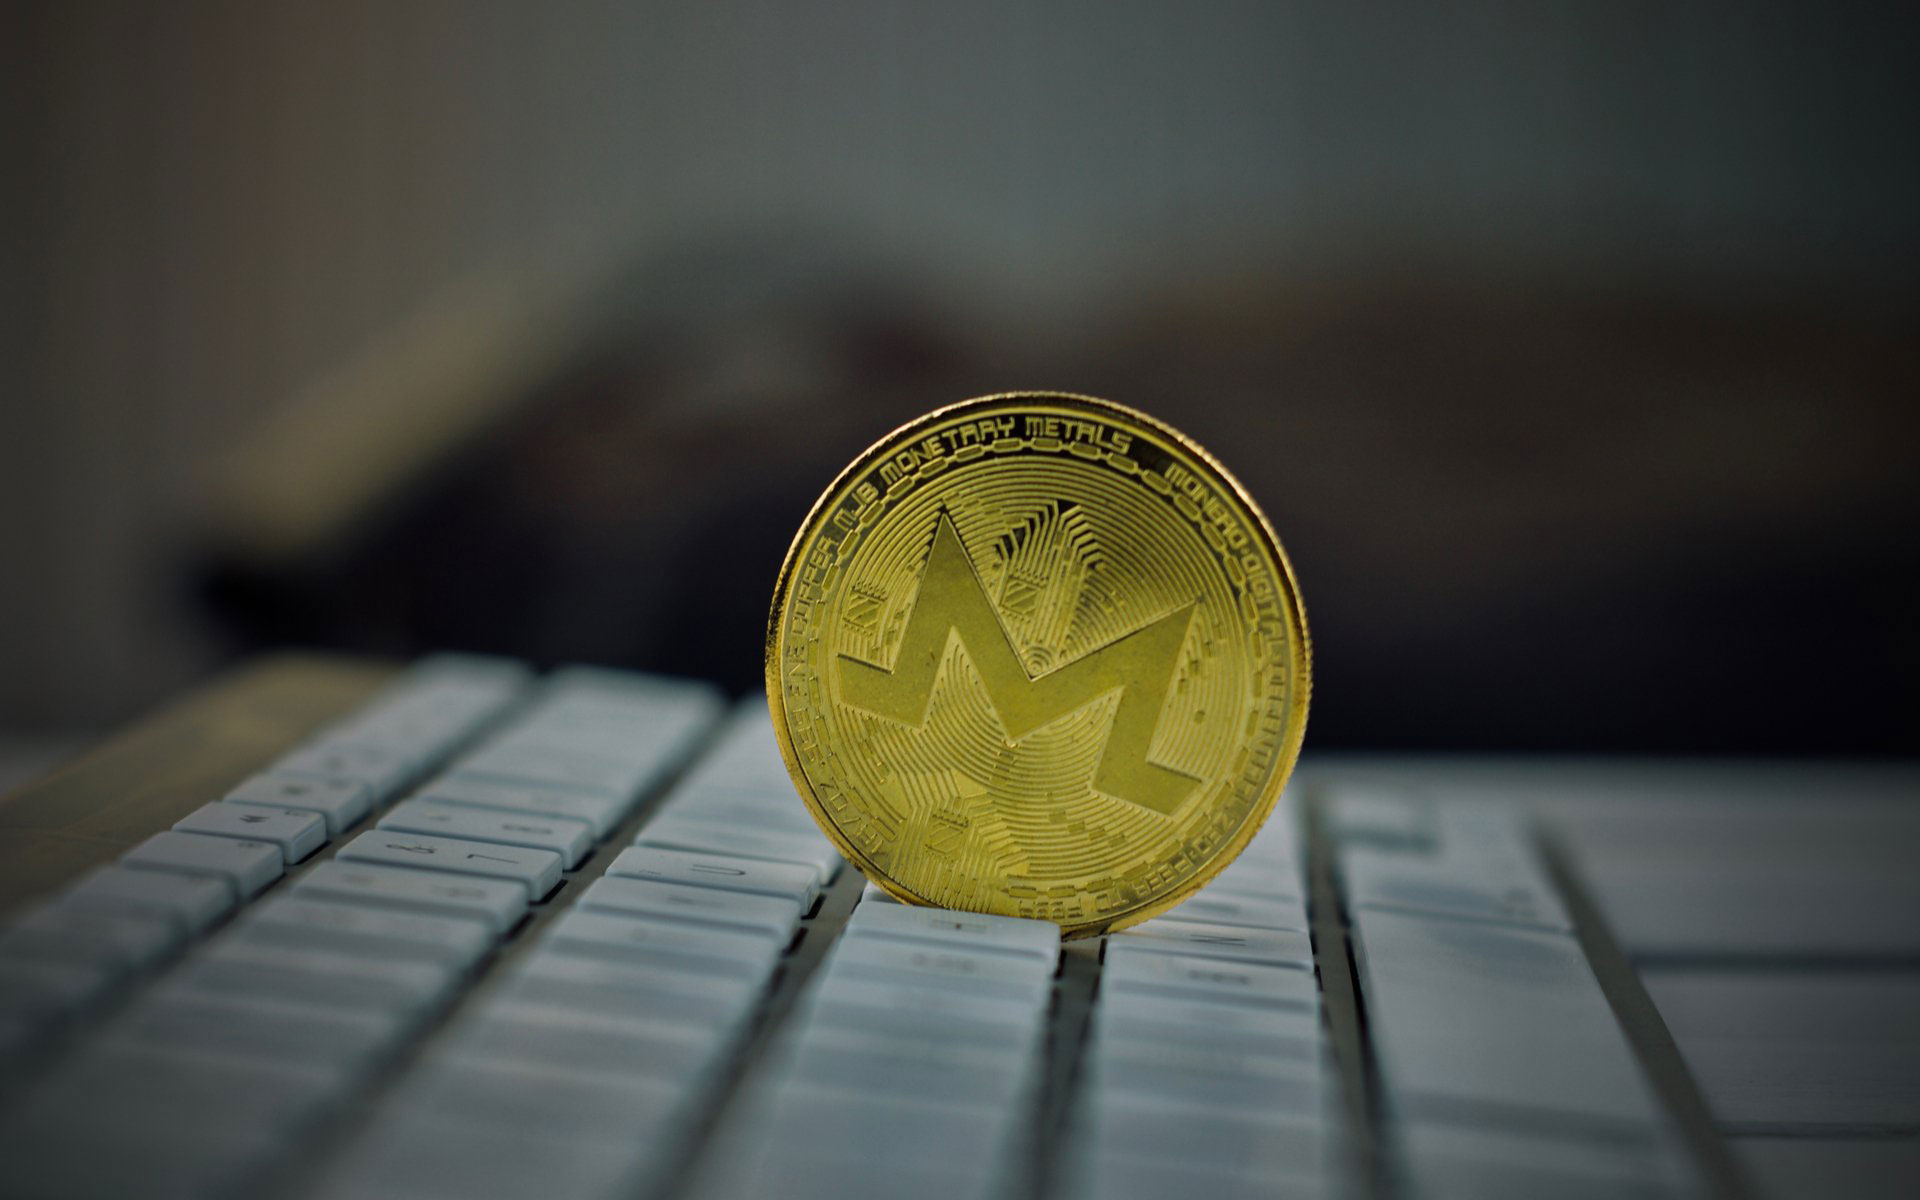 Webitcoin: Terroristas estão utilizando criptomoedas como Monero, Verge e Dash para angariarem fundos